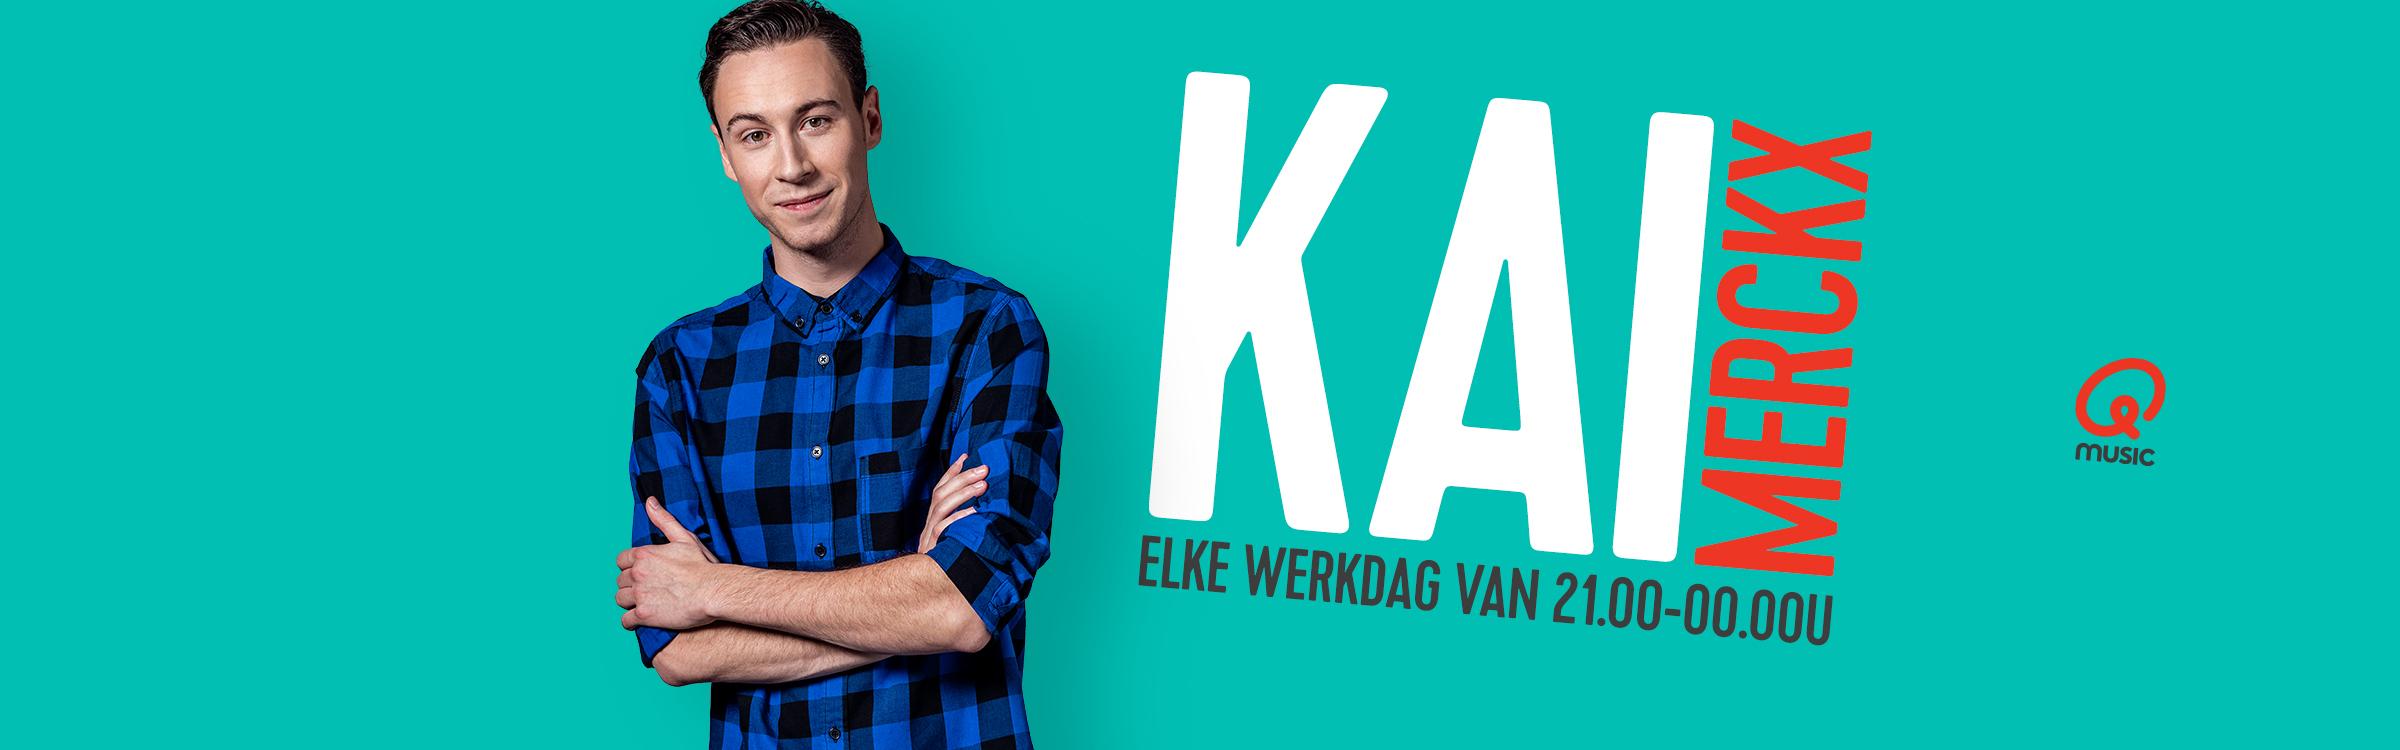 Kai Merckx